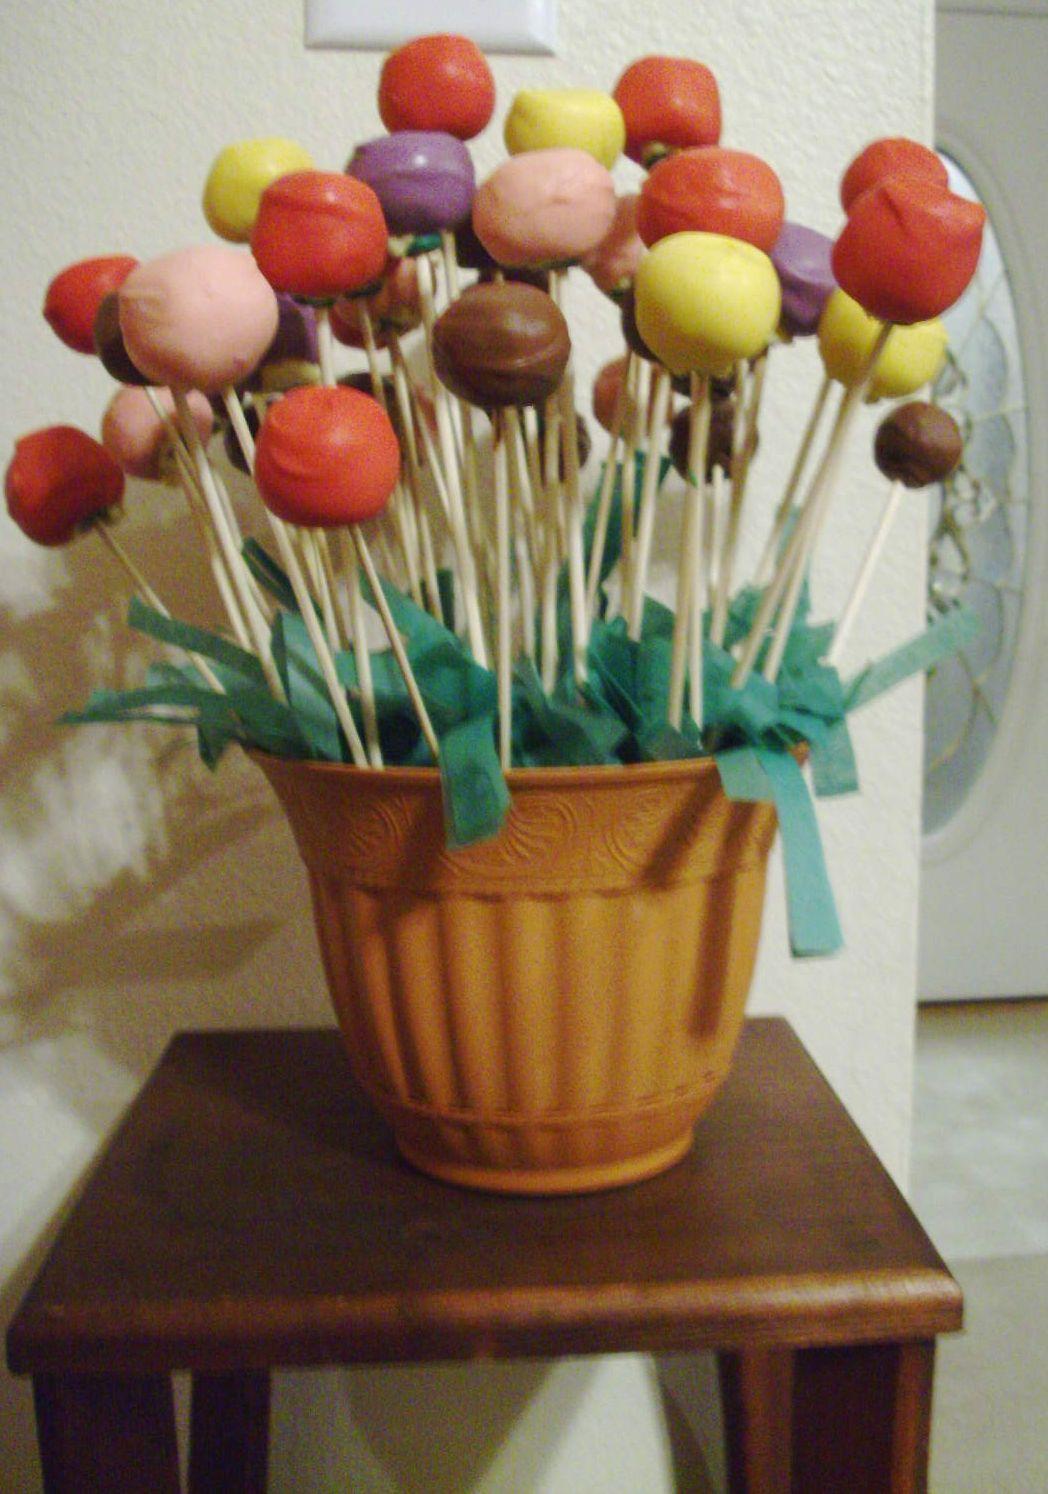 Cupcakes e cakes em santos cake pops pequenino for Cake pops cobertura